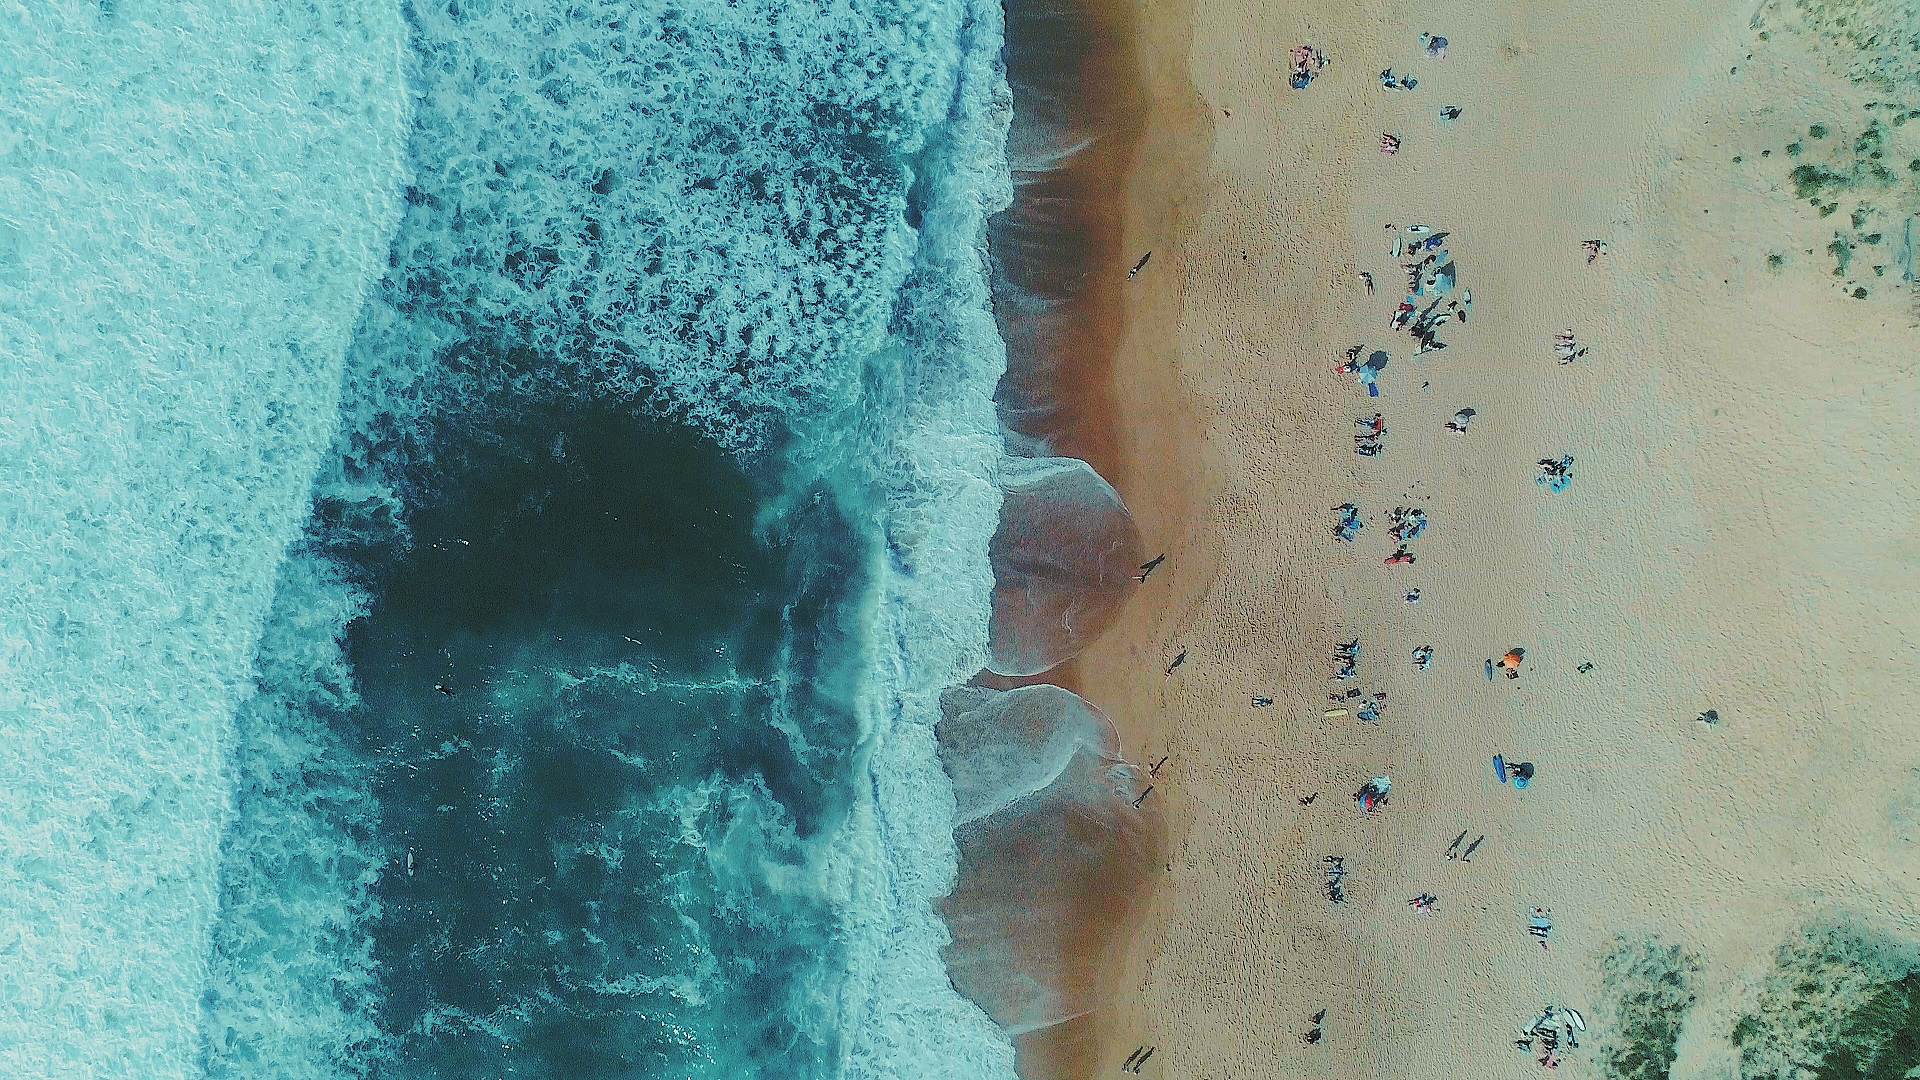 Plage-vue aerienne-plage la piste